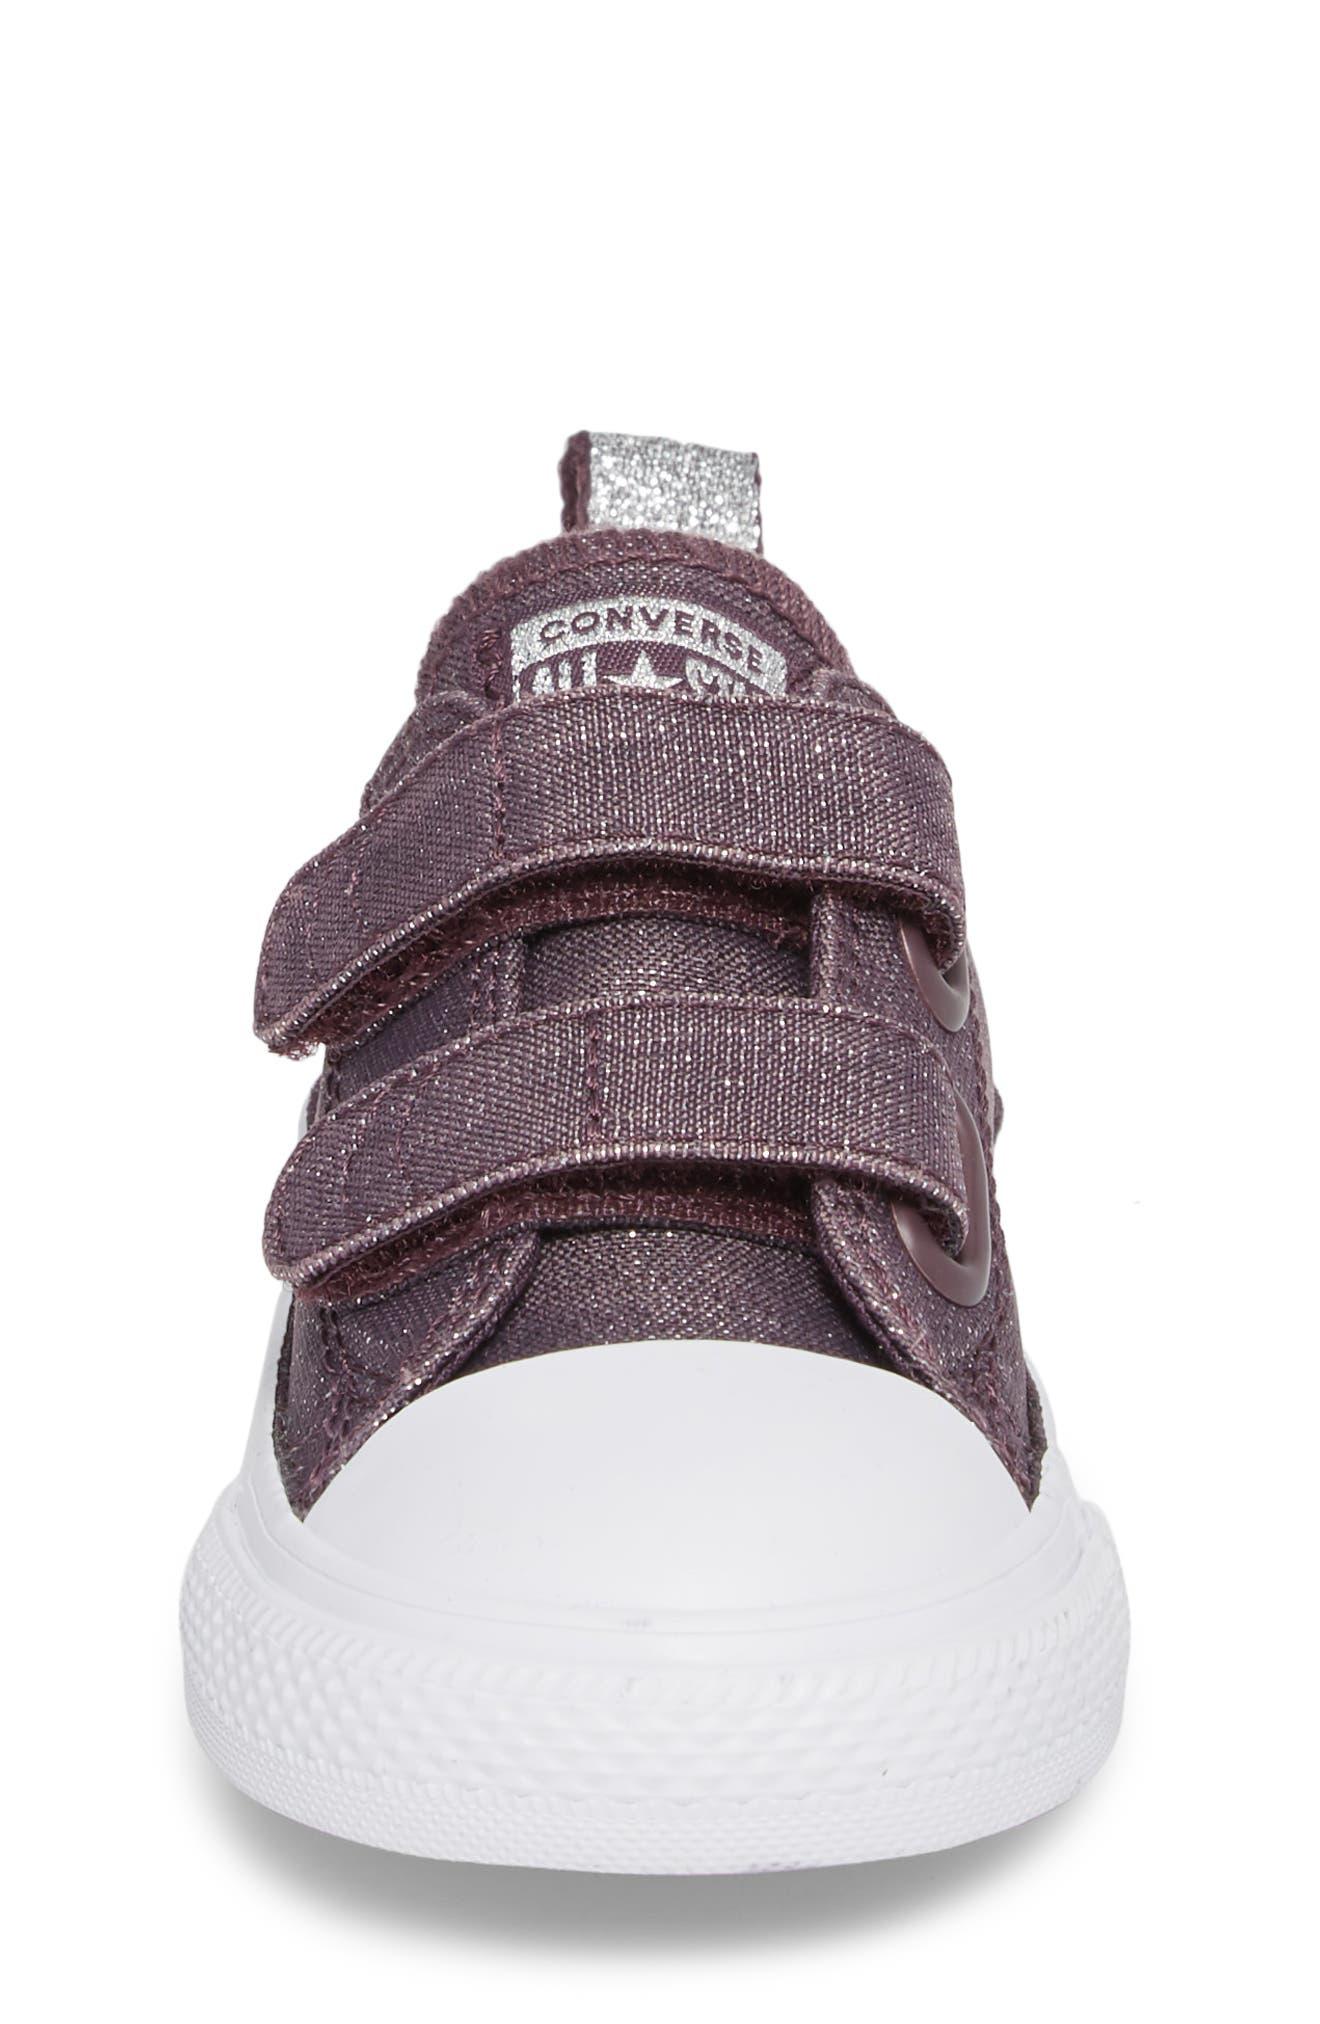 All Star<sup>®</sup> Shimmer 2V Sneaker,                             Alternate thumbnail 4, color,                             555